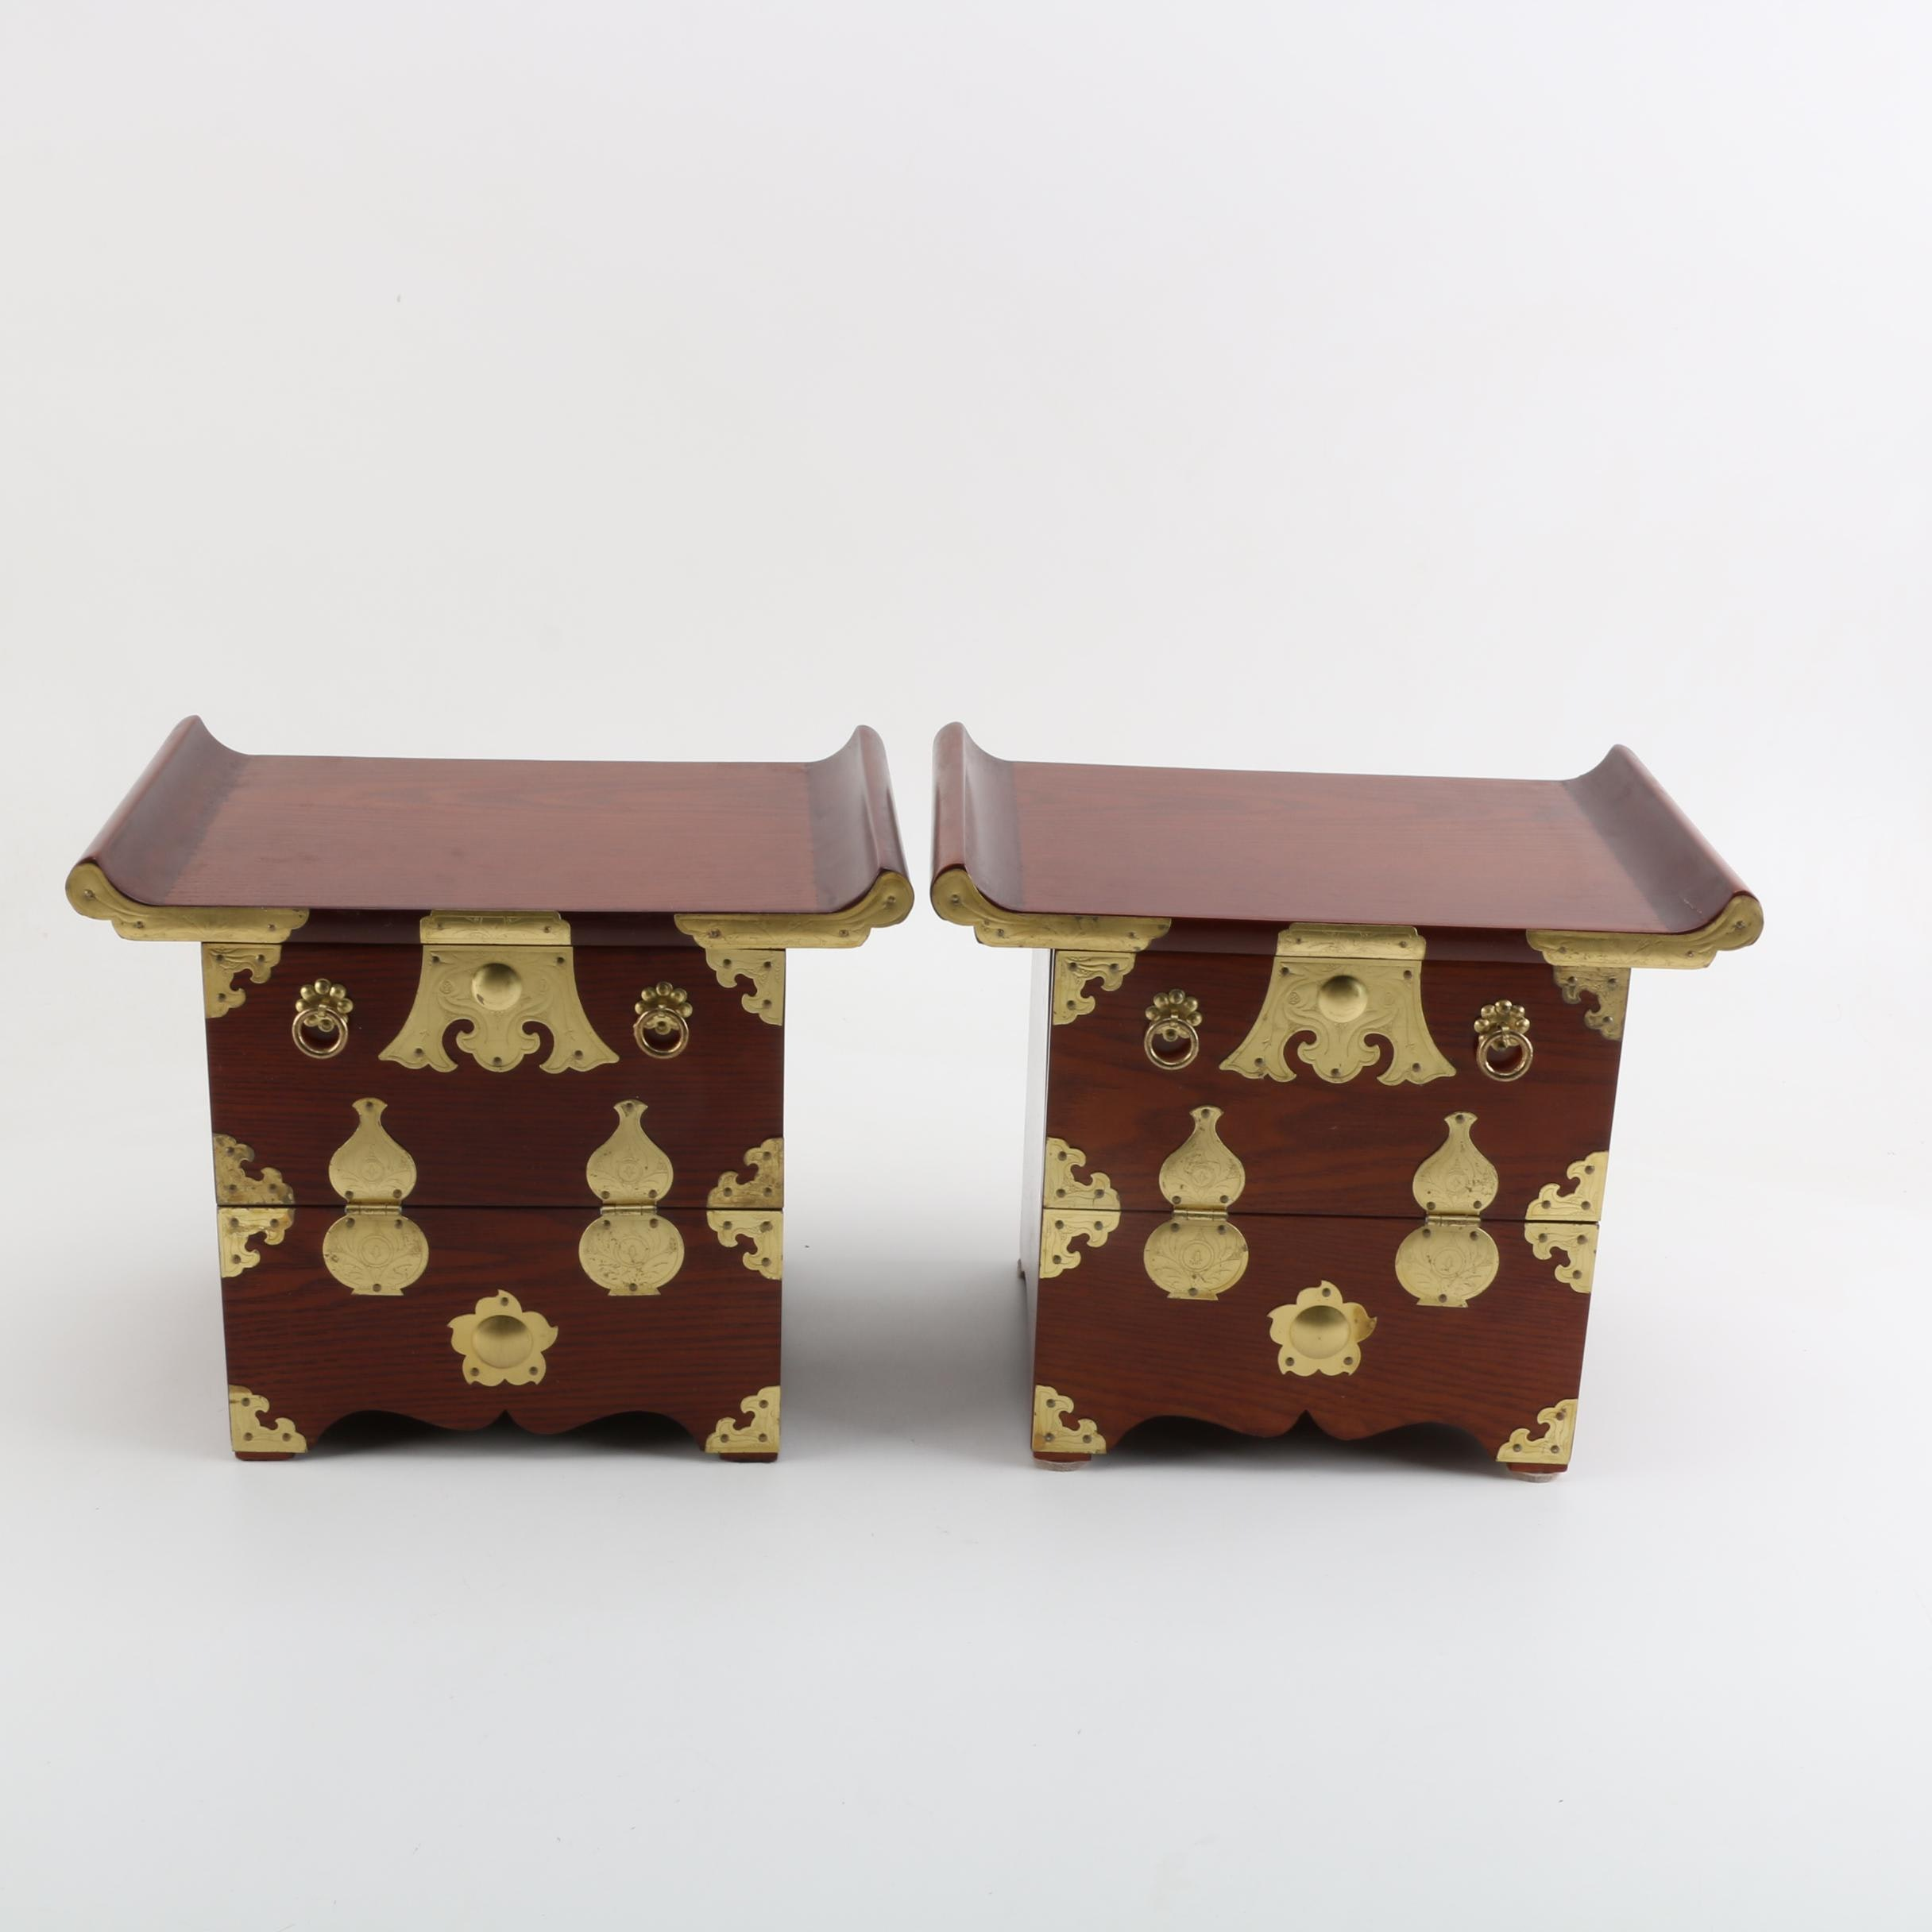 Wonderful Chinese Storage Box #11   Pair Of Chinese Decorative Storage Boxes  .